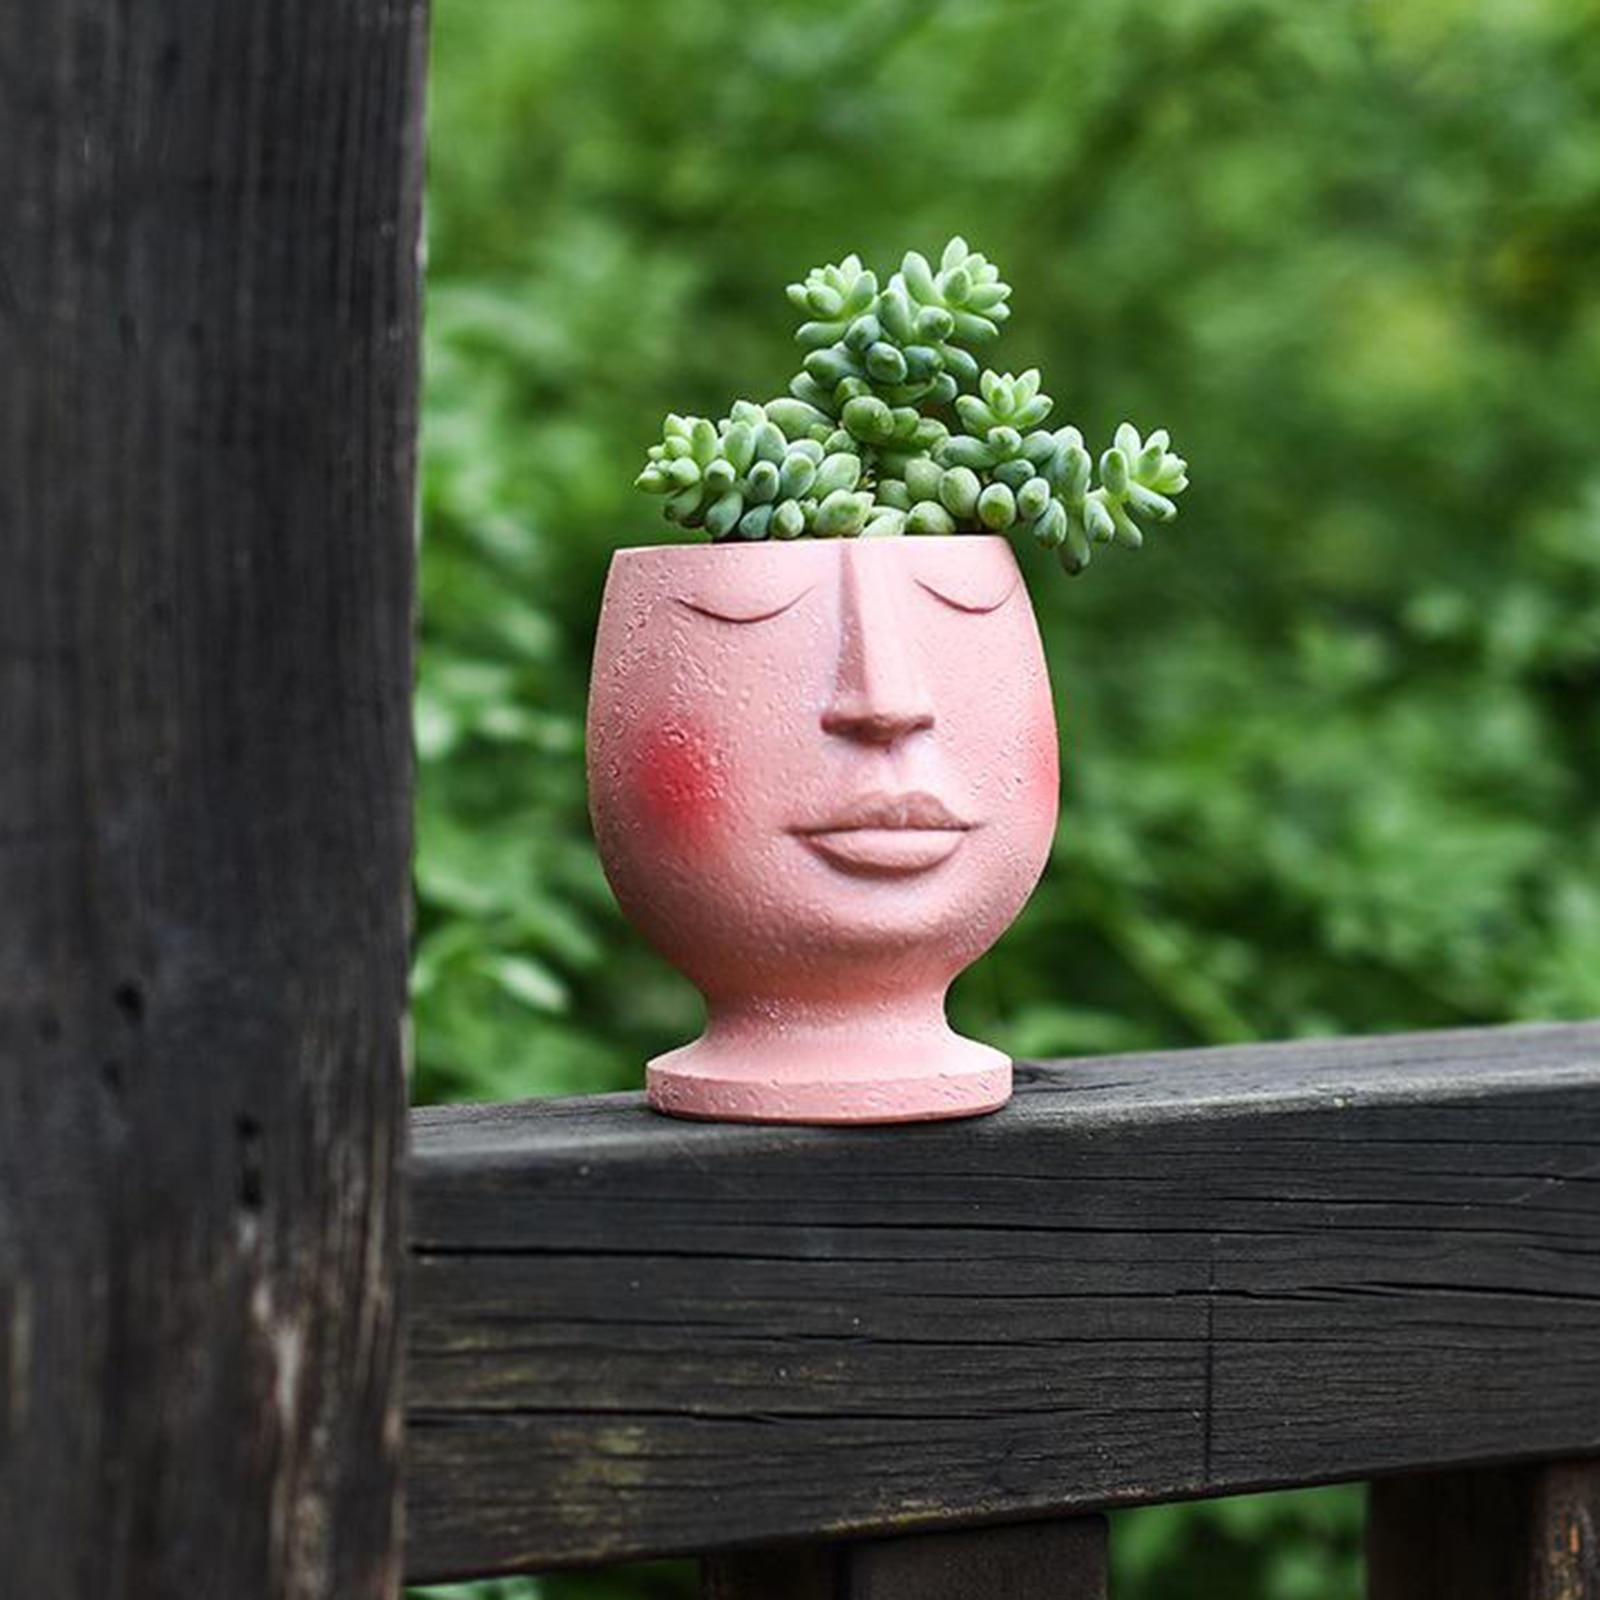 Смола лицо кашпо горшок для дома на улице цветок растение суккулент декор